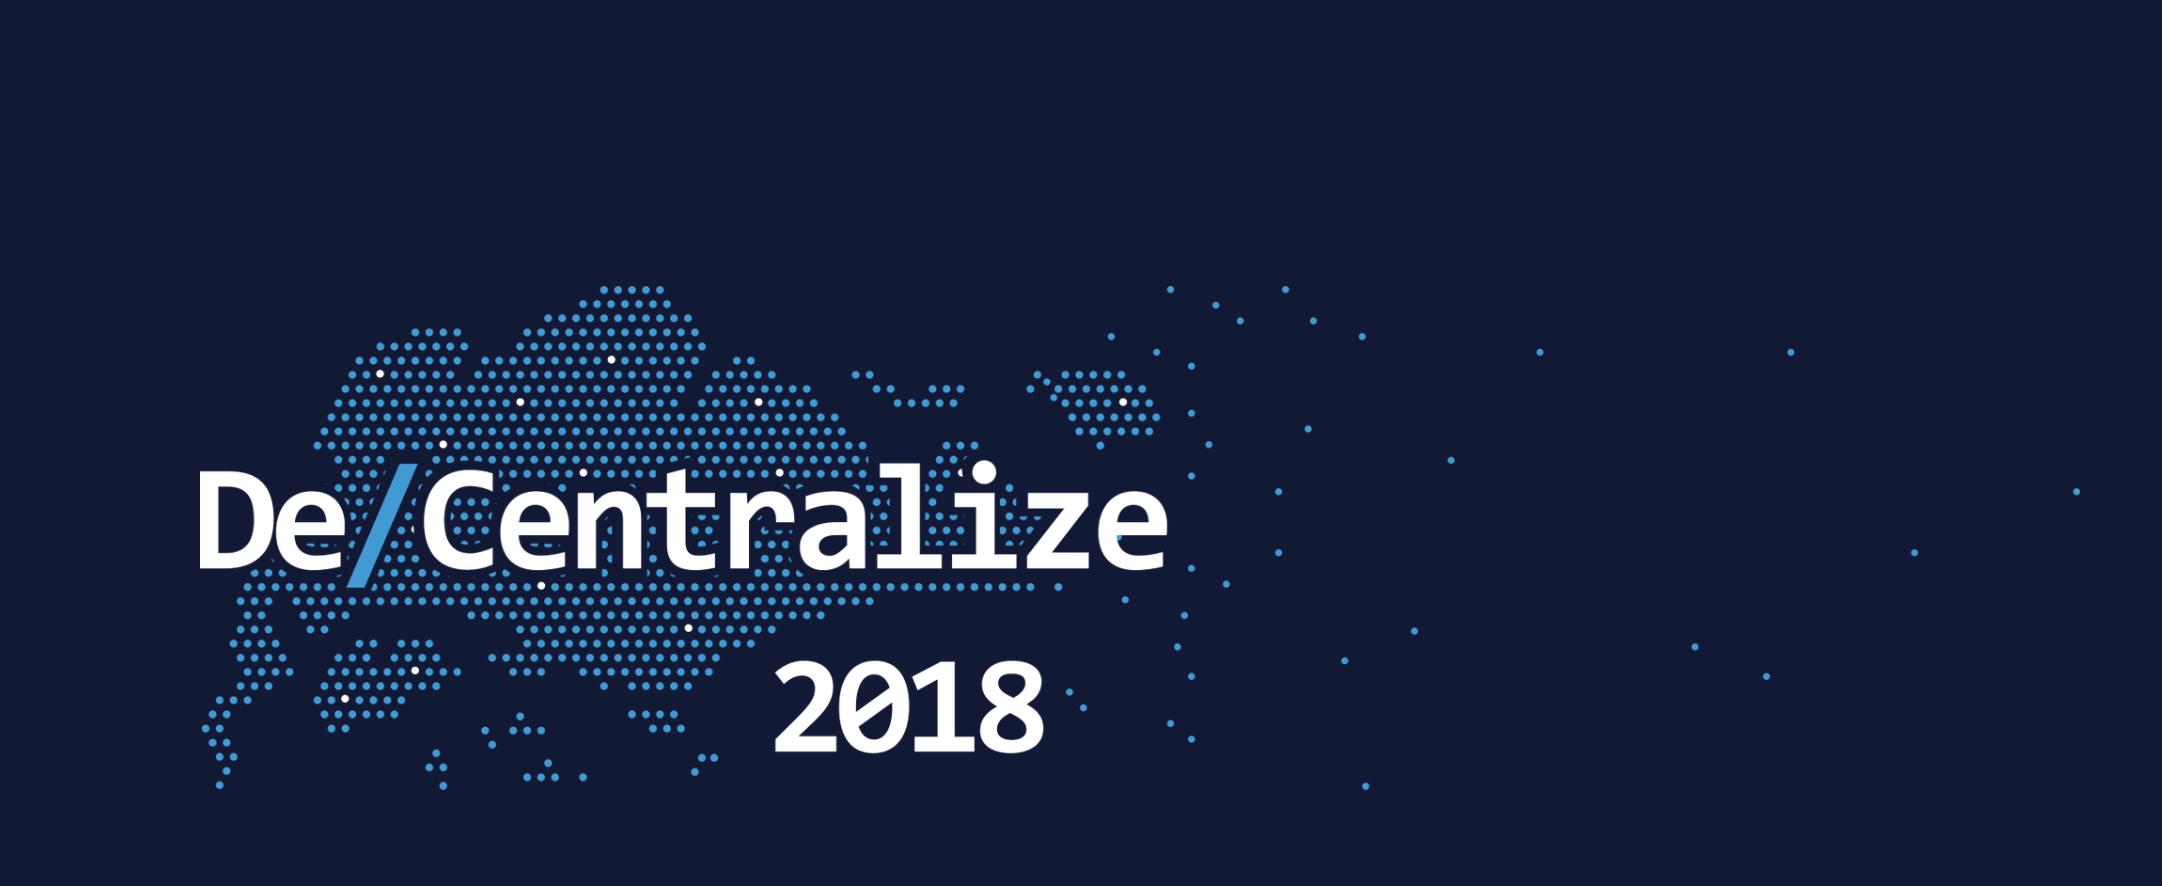 De/Centralize 2018 仮想通貨